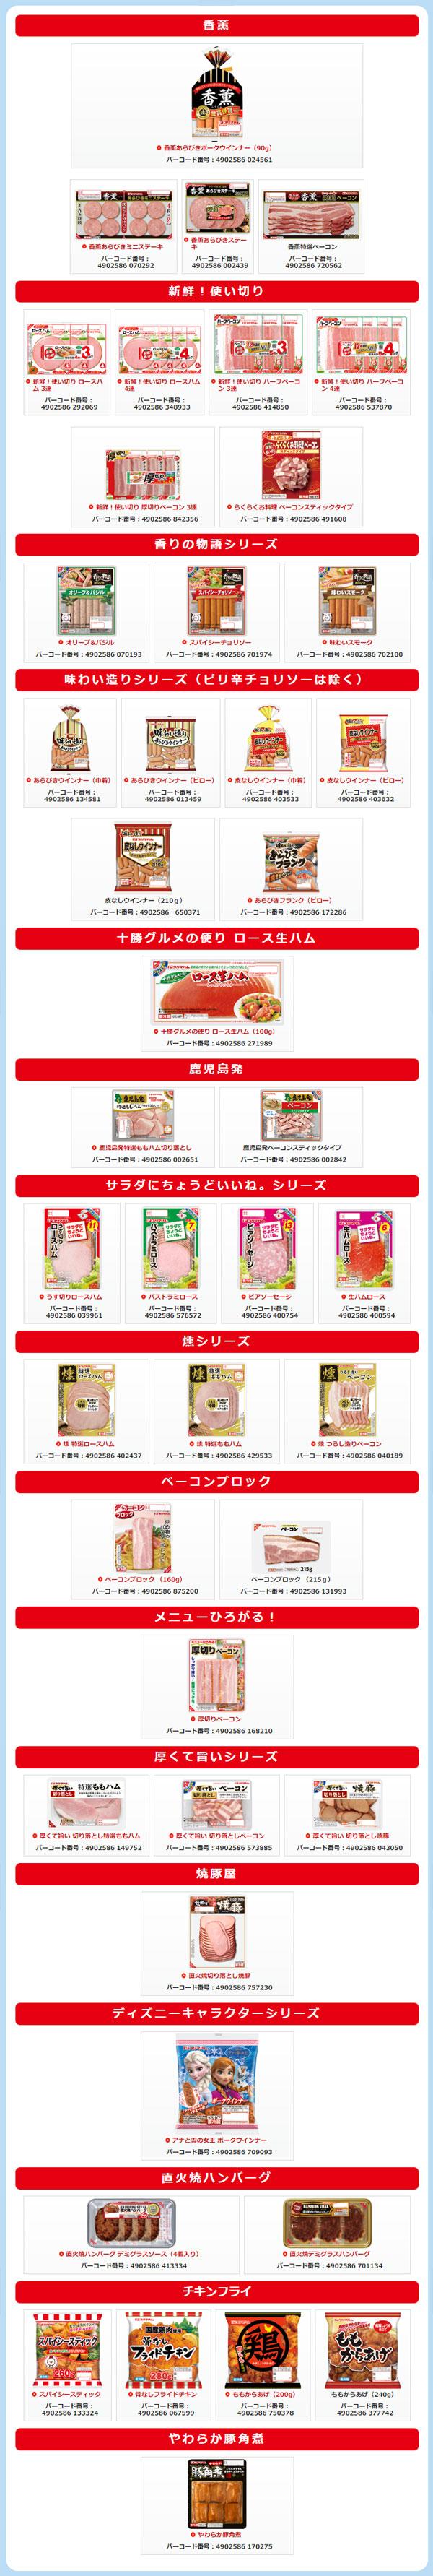 プリマハム 香薫 ディズニーキャンペーン対象商品